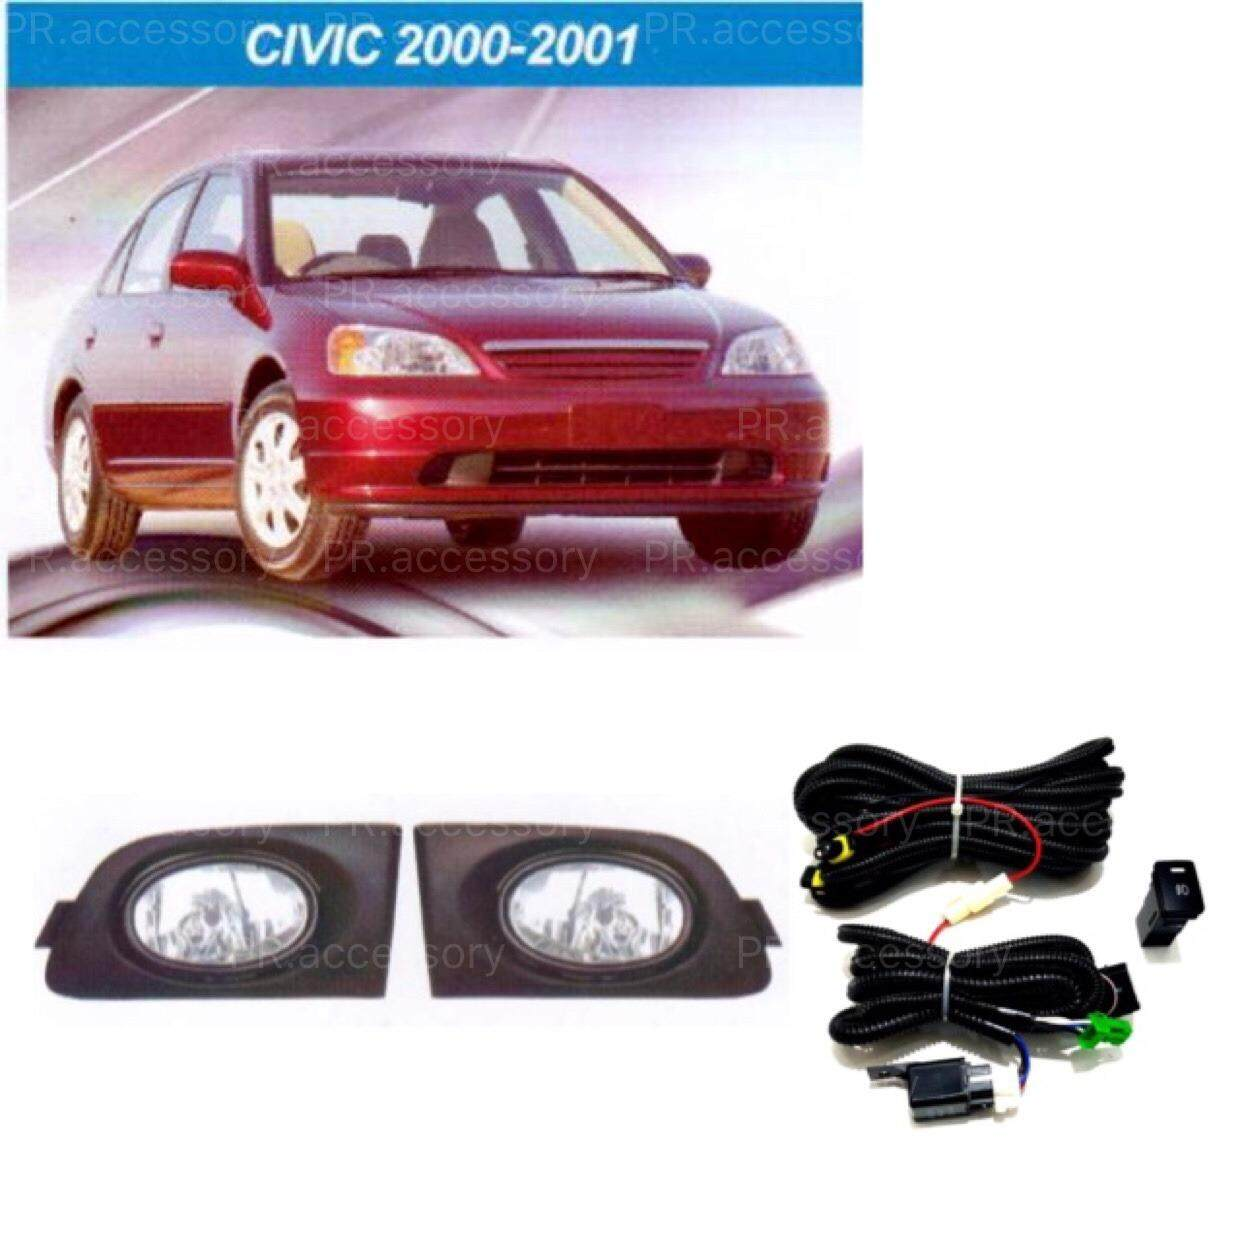 ส่วนลด ไฟตัดหมอก ไฟสปอร์ตไลท์ Honda Civic 2000 2001 Pr กรุงเทพมหานคร